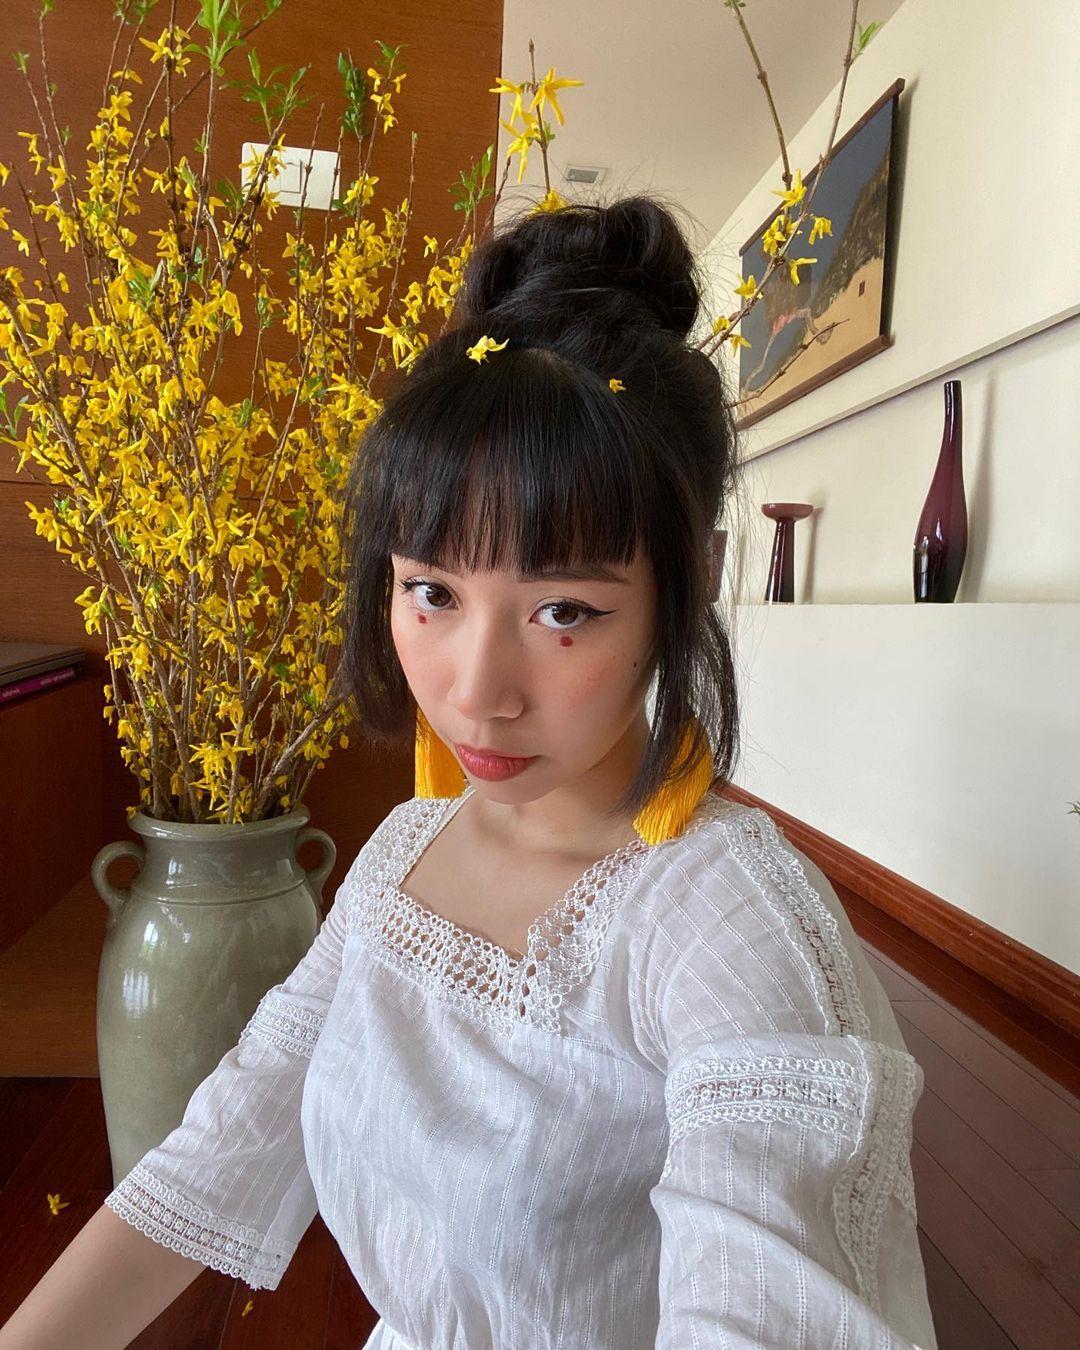 Thần thái của con gái Mỹ Linh quá xuất sắc: Để tóc nào cũng đẹp, kiểu khó nhằn đến mấy cũng cân được tuốt - Ảnh 8